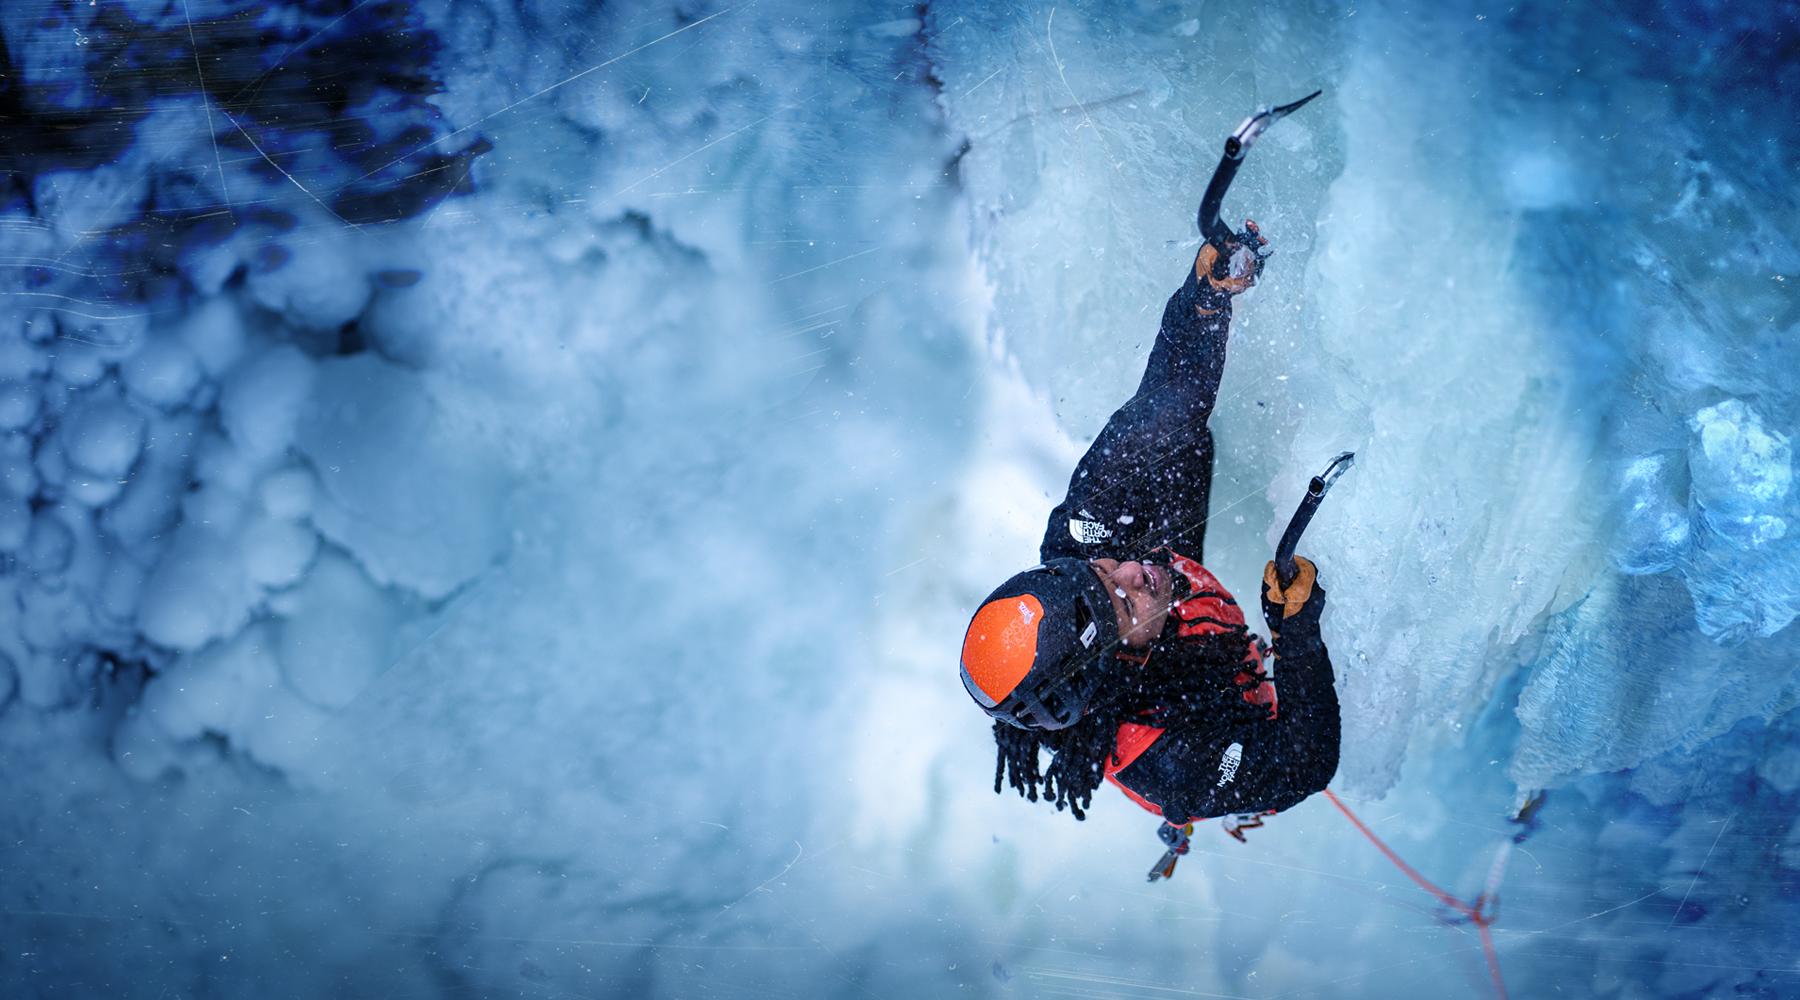 Ein Eiskletterer hängt in der Steilwand.